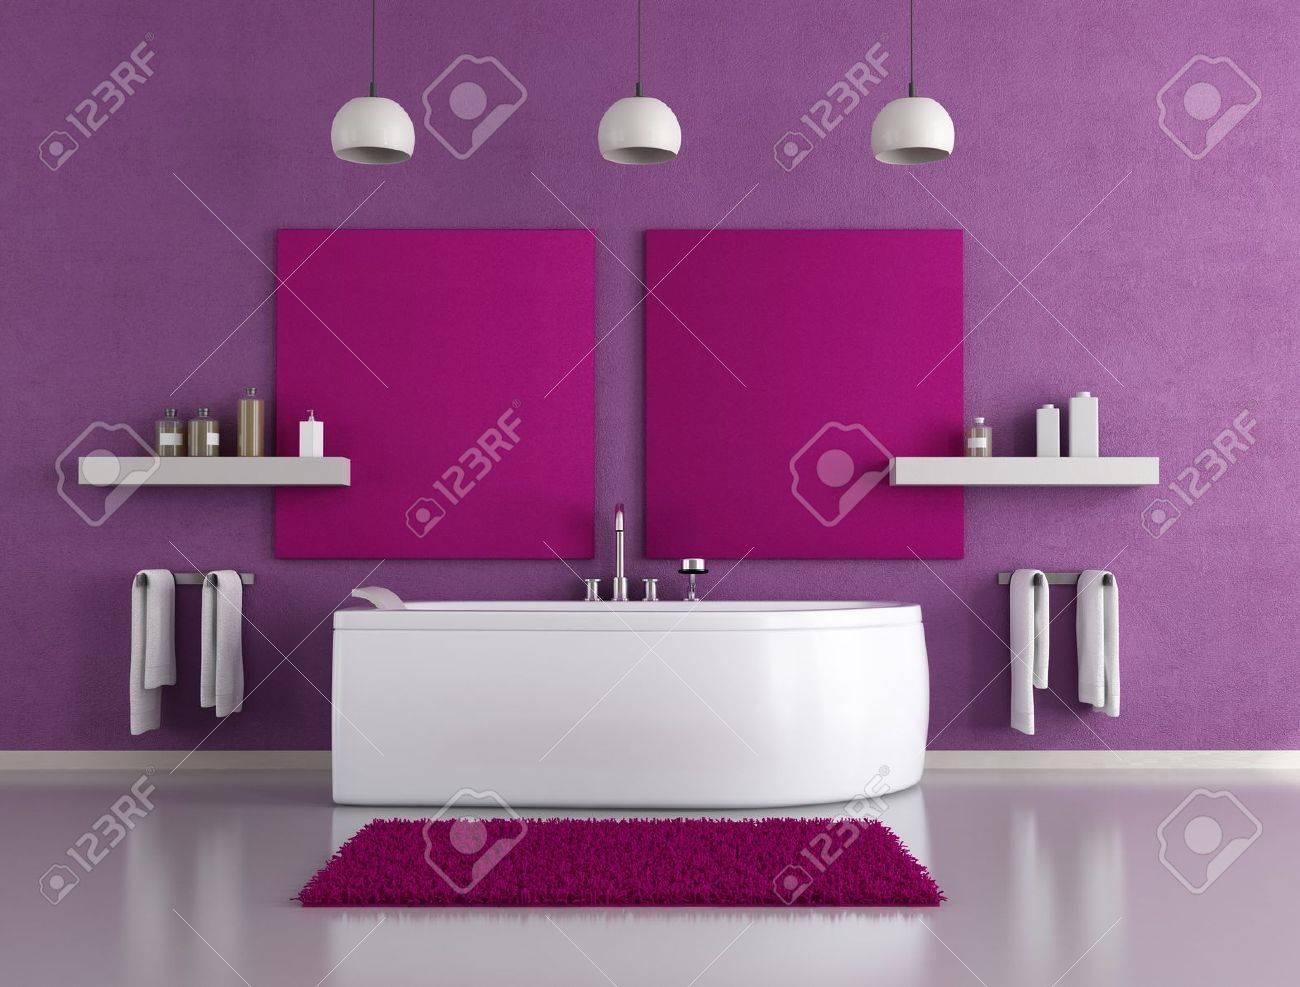 Cuarto de baño moderno con bañera morado blanco fotos, retratos ...